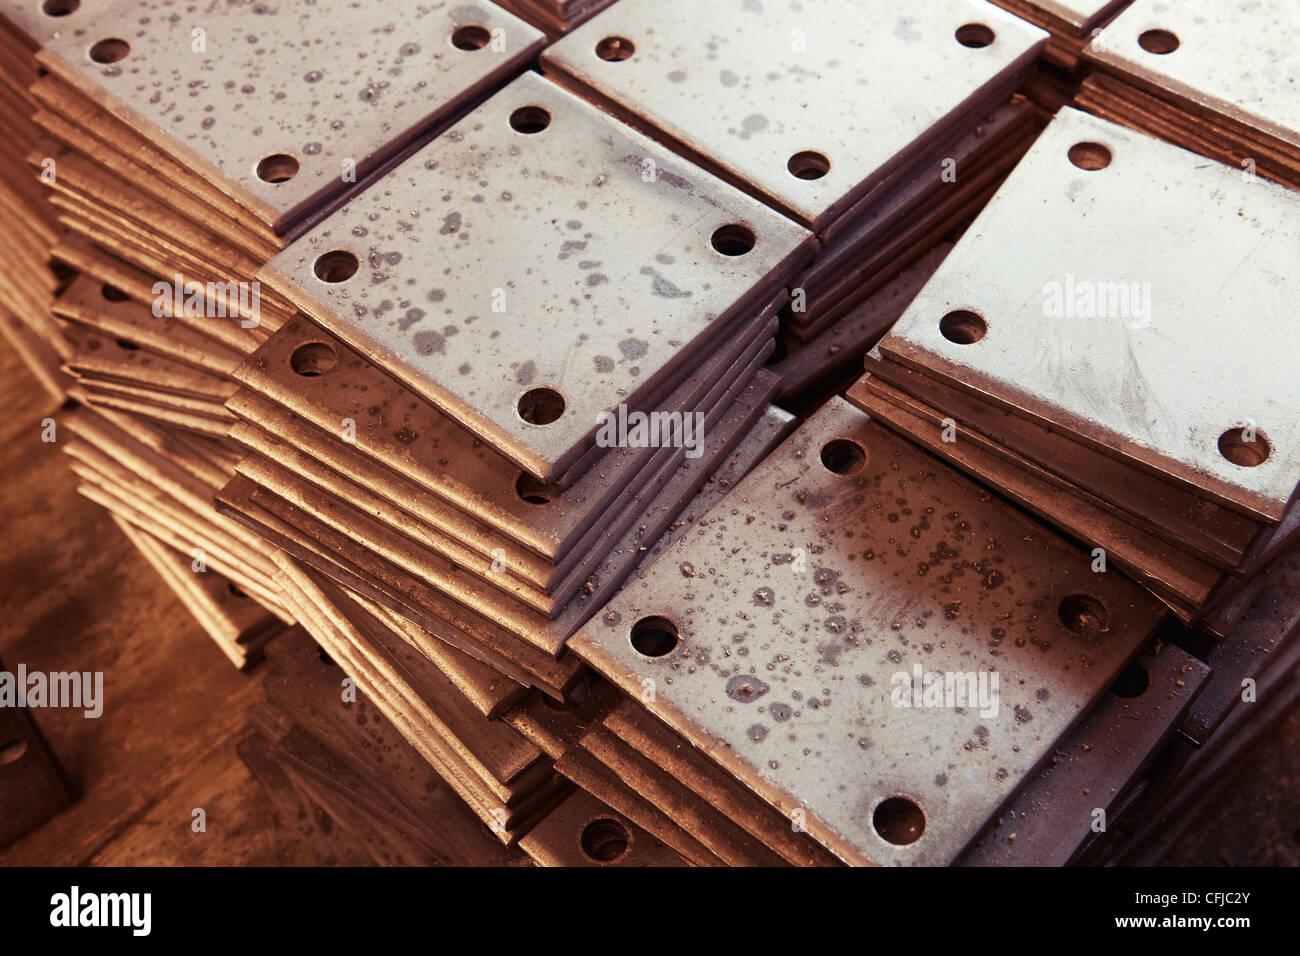 Grunge rusty rectángulo placas metálicas con orificios redondos colocados sobre madera junta texturado Foto de stock